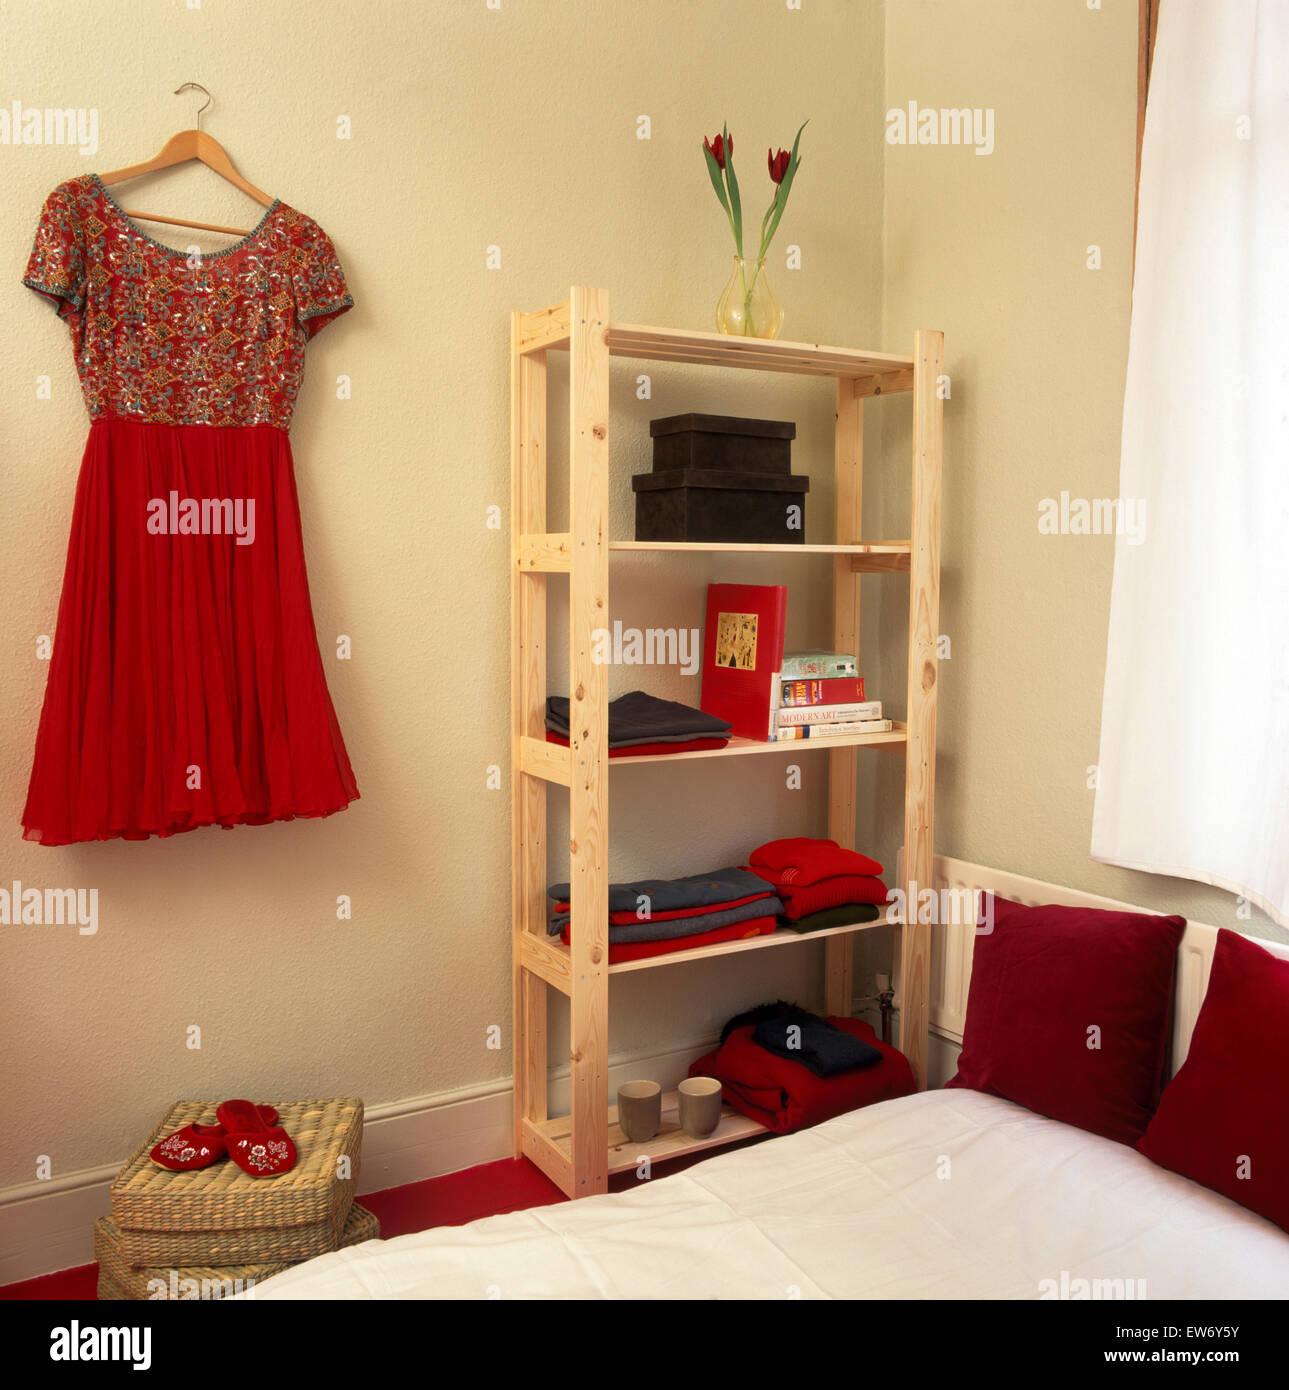 Einfache Holzregale rotes kleid hängt an der wand neben einfachen holzregale in